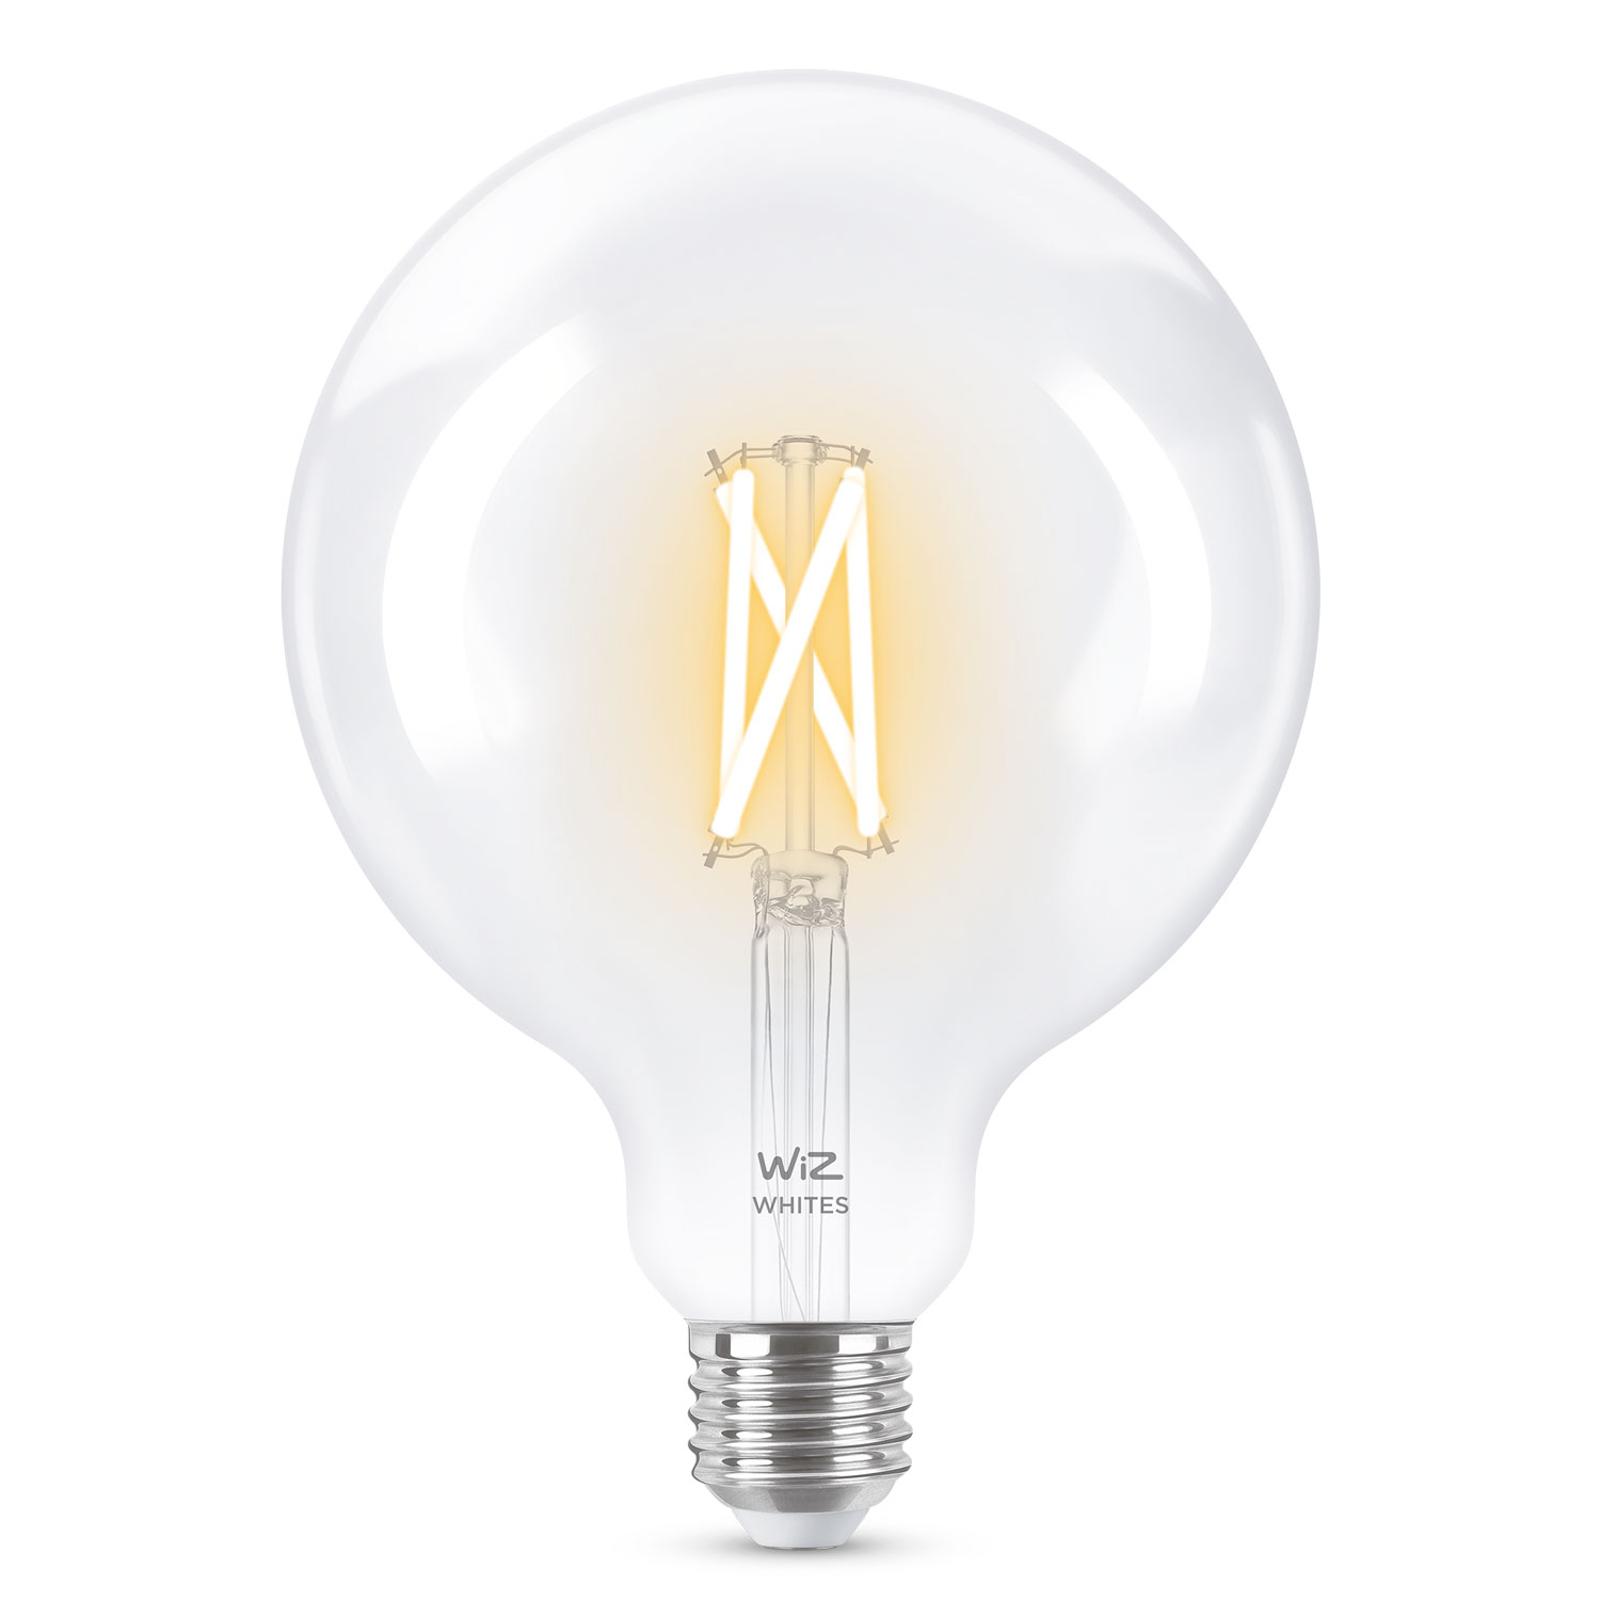 WiZ E27 LED G125 filament klar 6,5 W 2200-5500 K